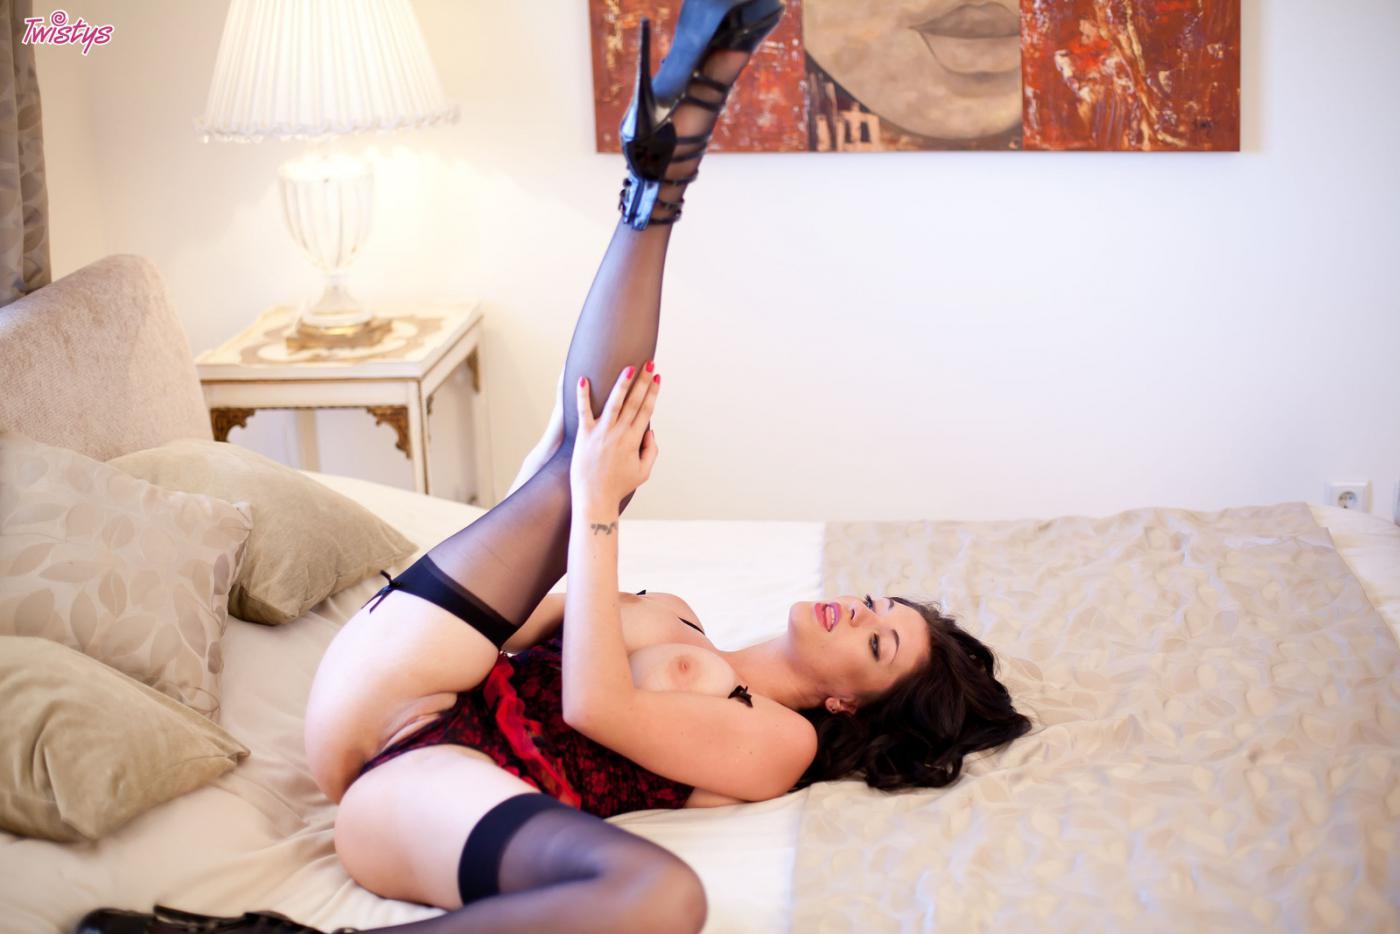 Крошка в сексуальном белье Brook Twistys в гольфах и на высоких каблуках выставила на обозрение груди и письку